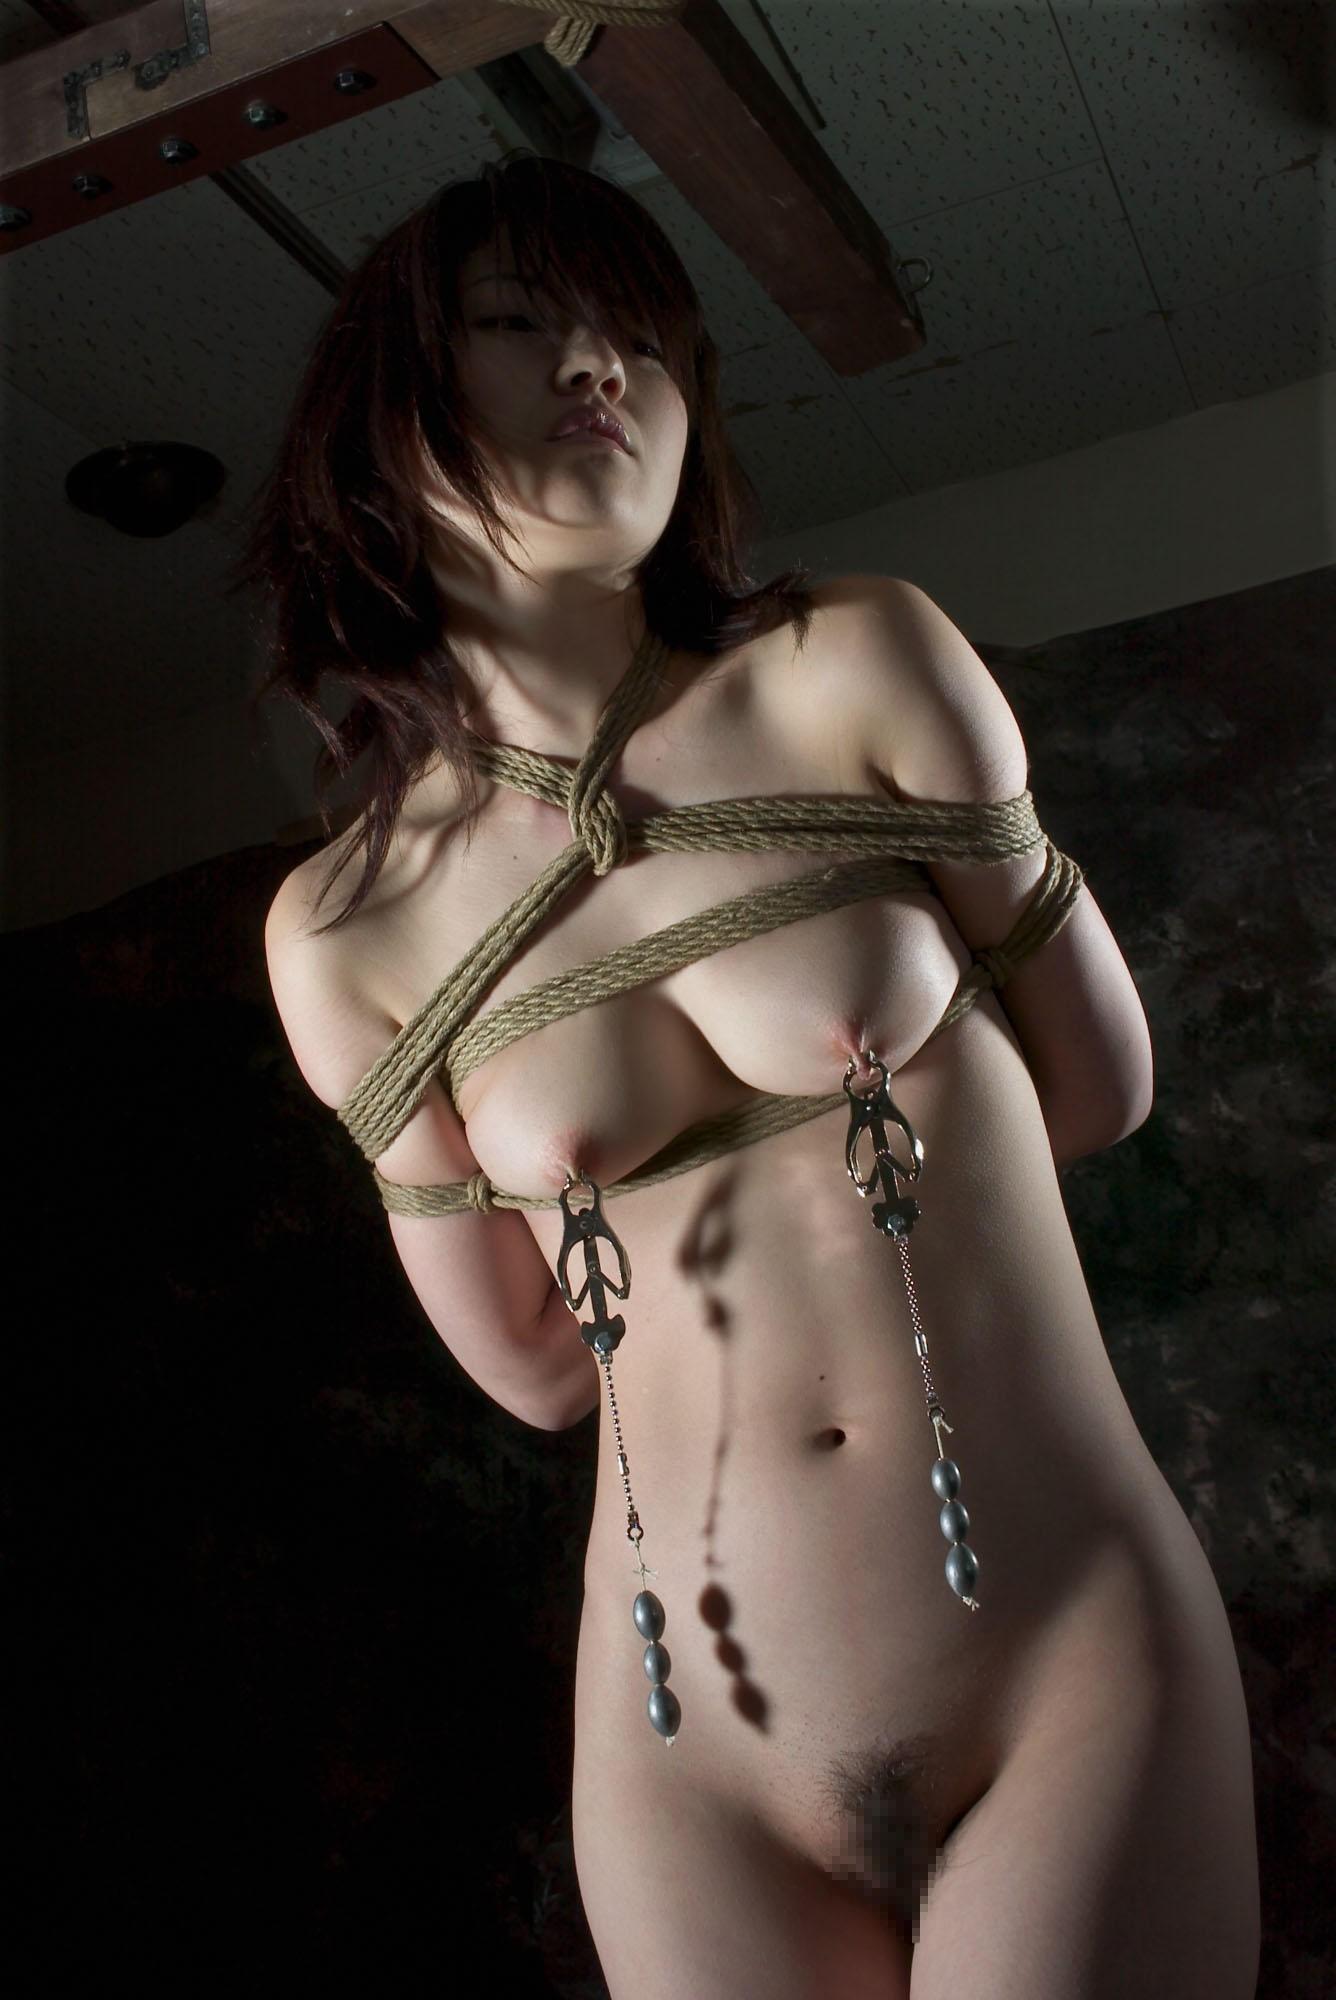 【巨乳SMエロ画像】いつもより大きい…いや最初からw巨乳を際立たせる縛り方www 14